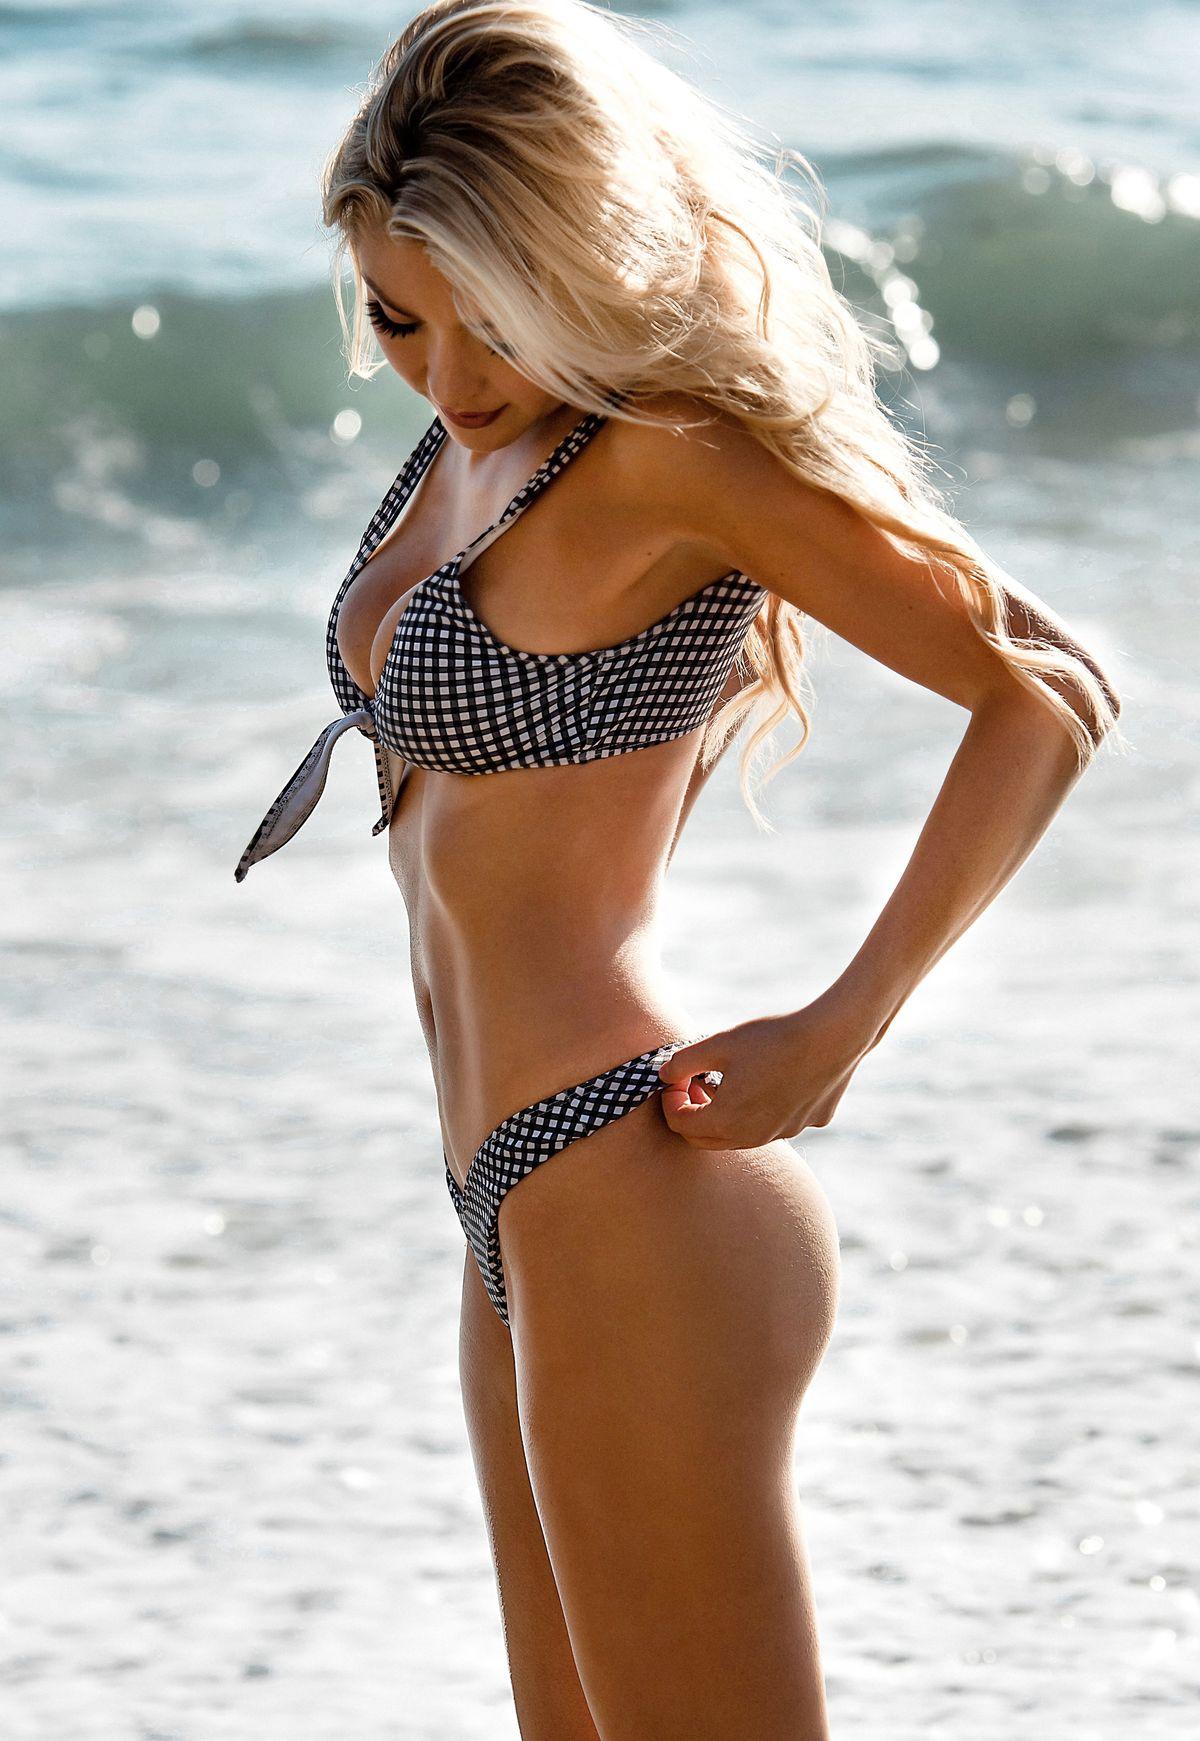 Model Blair Hiesl